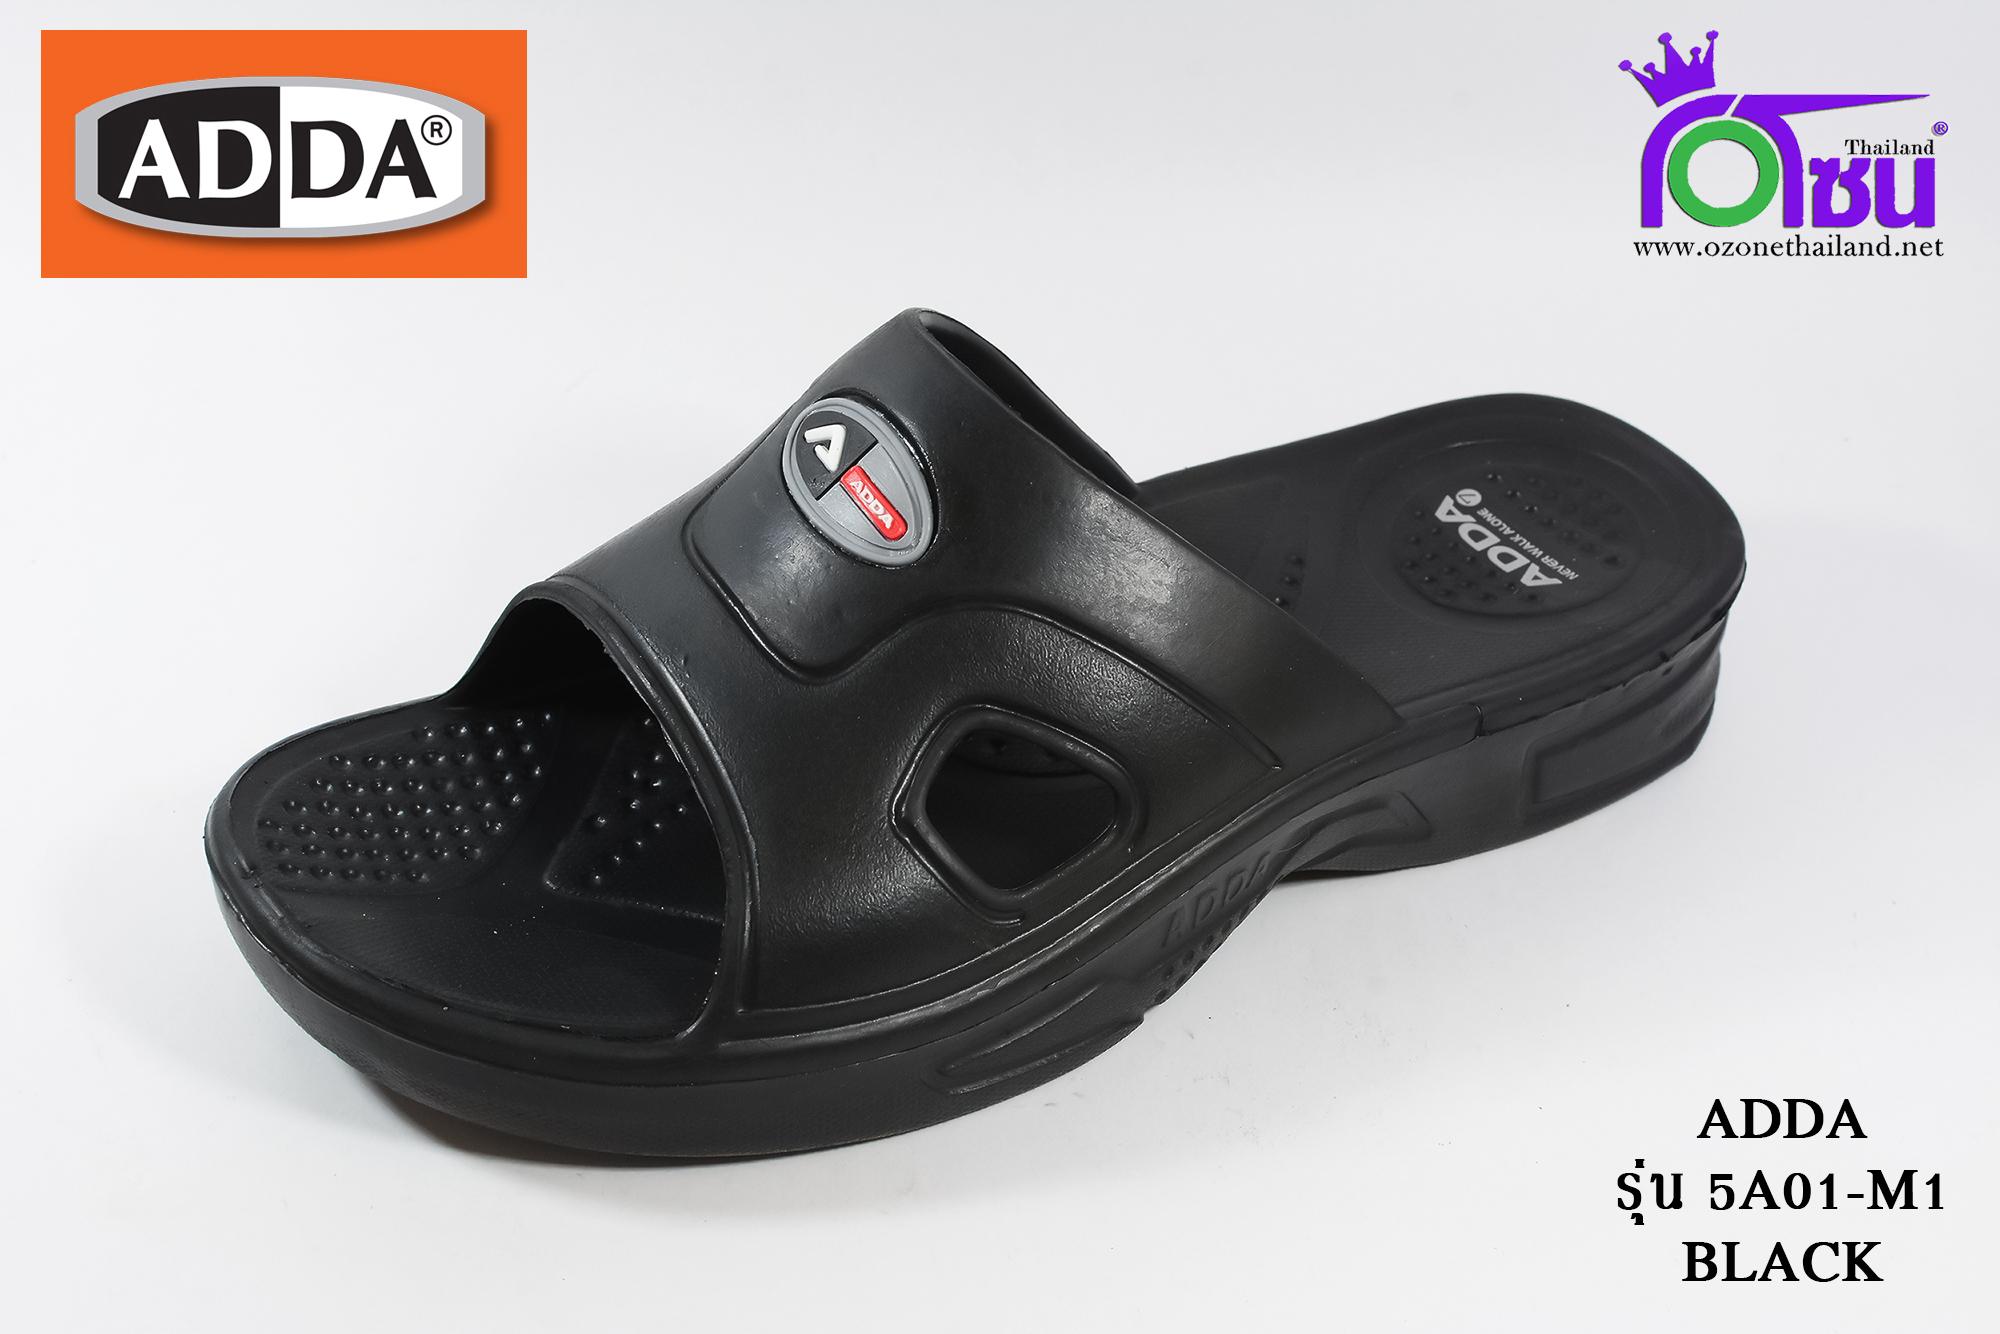 รองเท้าแตะไฟล่อน ADDA แอดด๊า รหัส 5A01 สีดำ เบอร์ 7-9